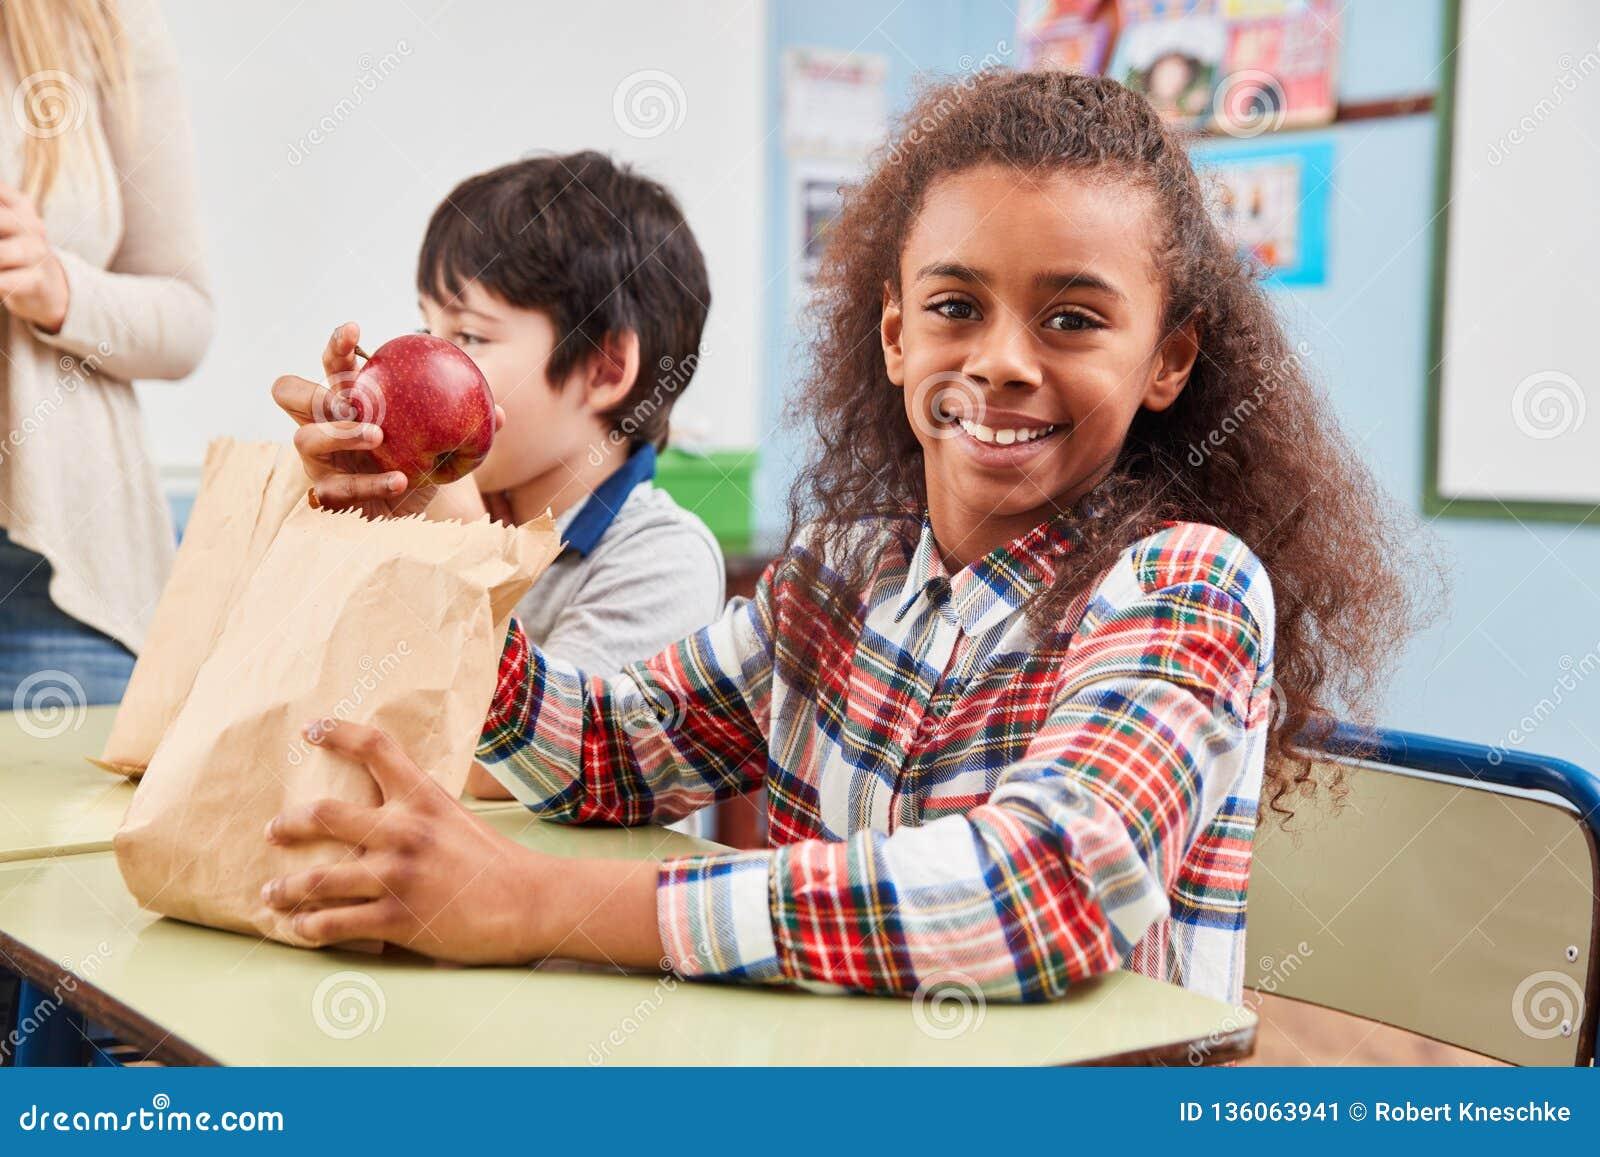 Meisje met appel als gezonde snack